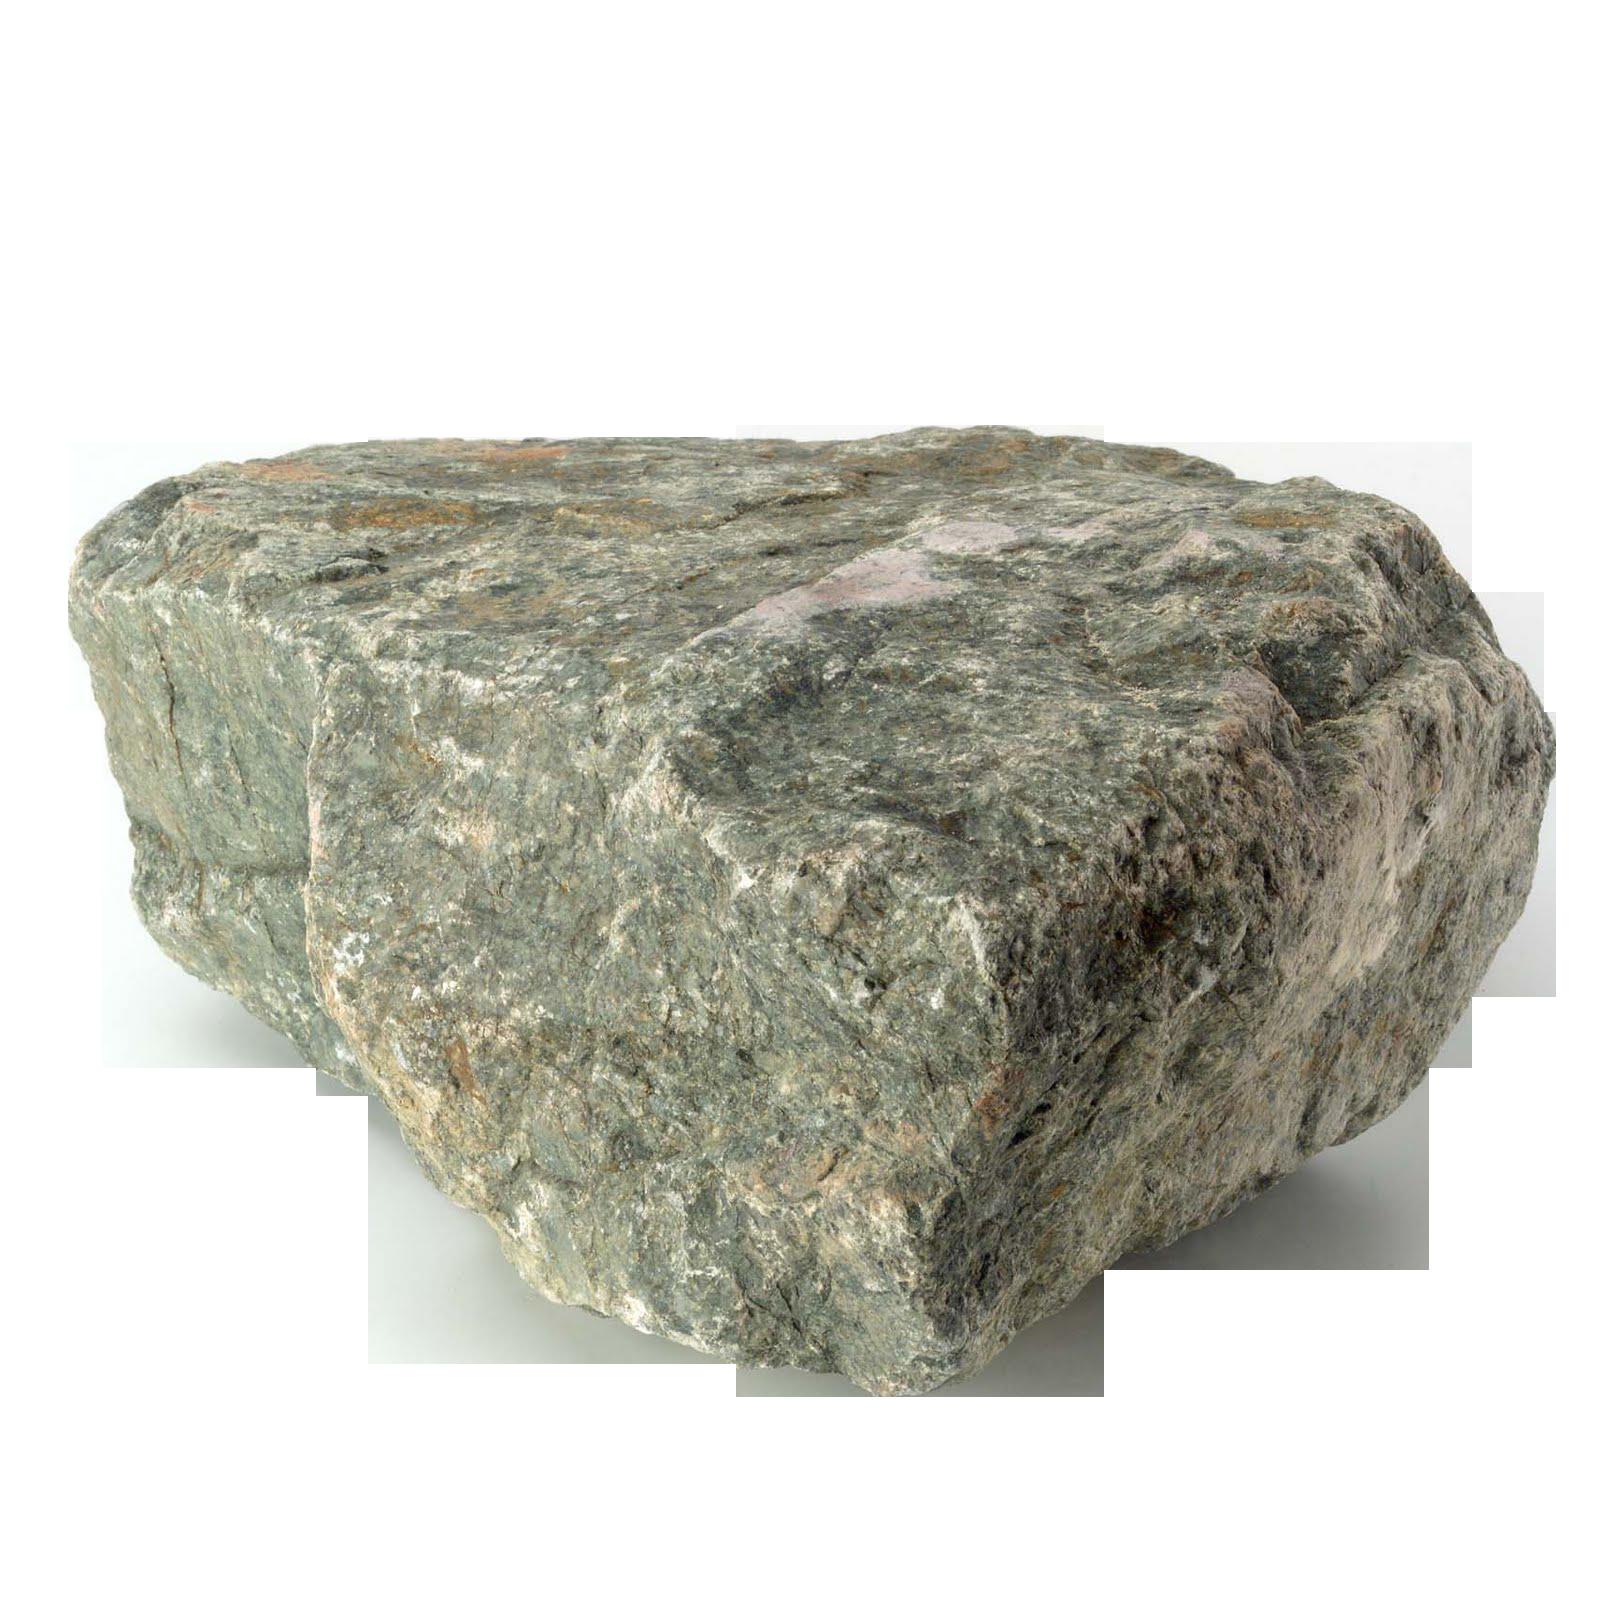 Large White Granite Rock : Stone png images rock rocks free download